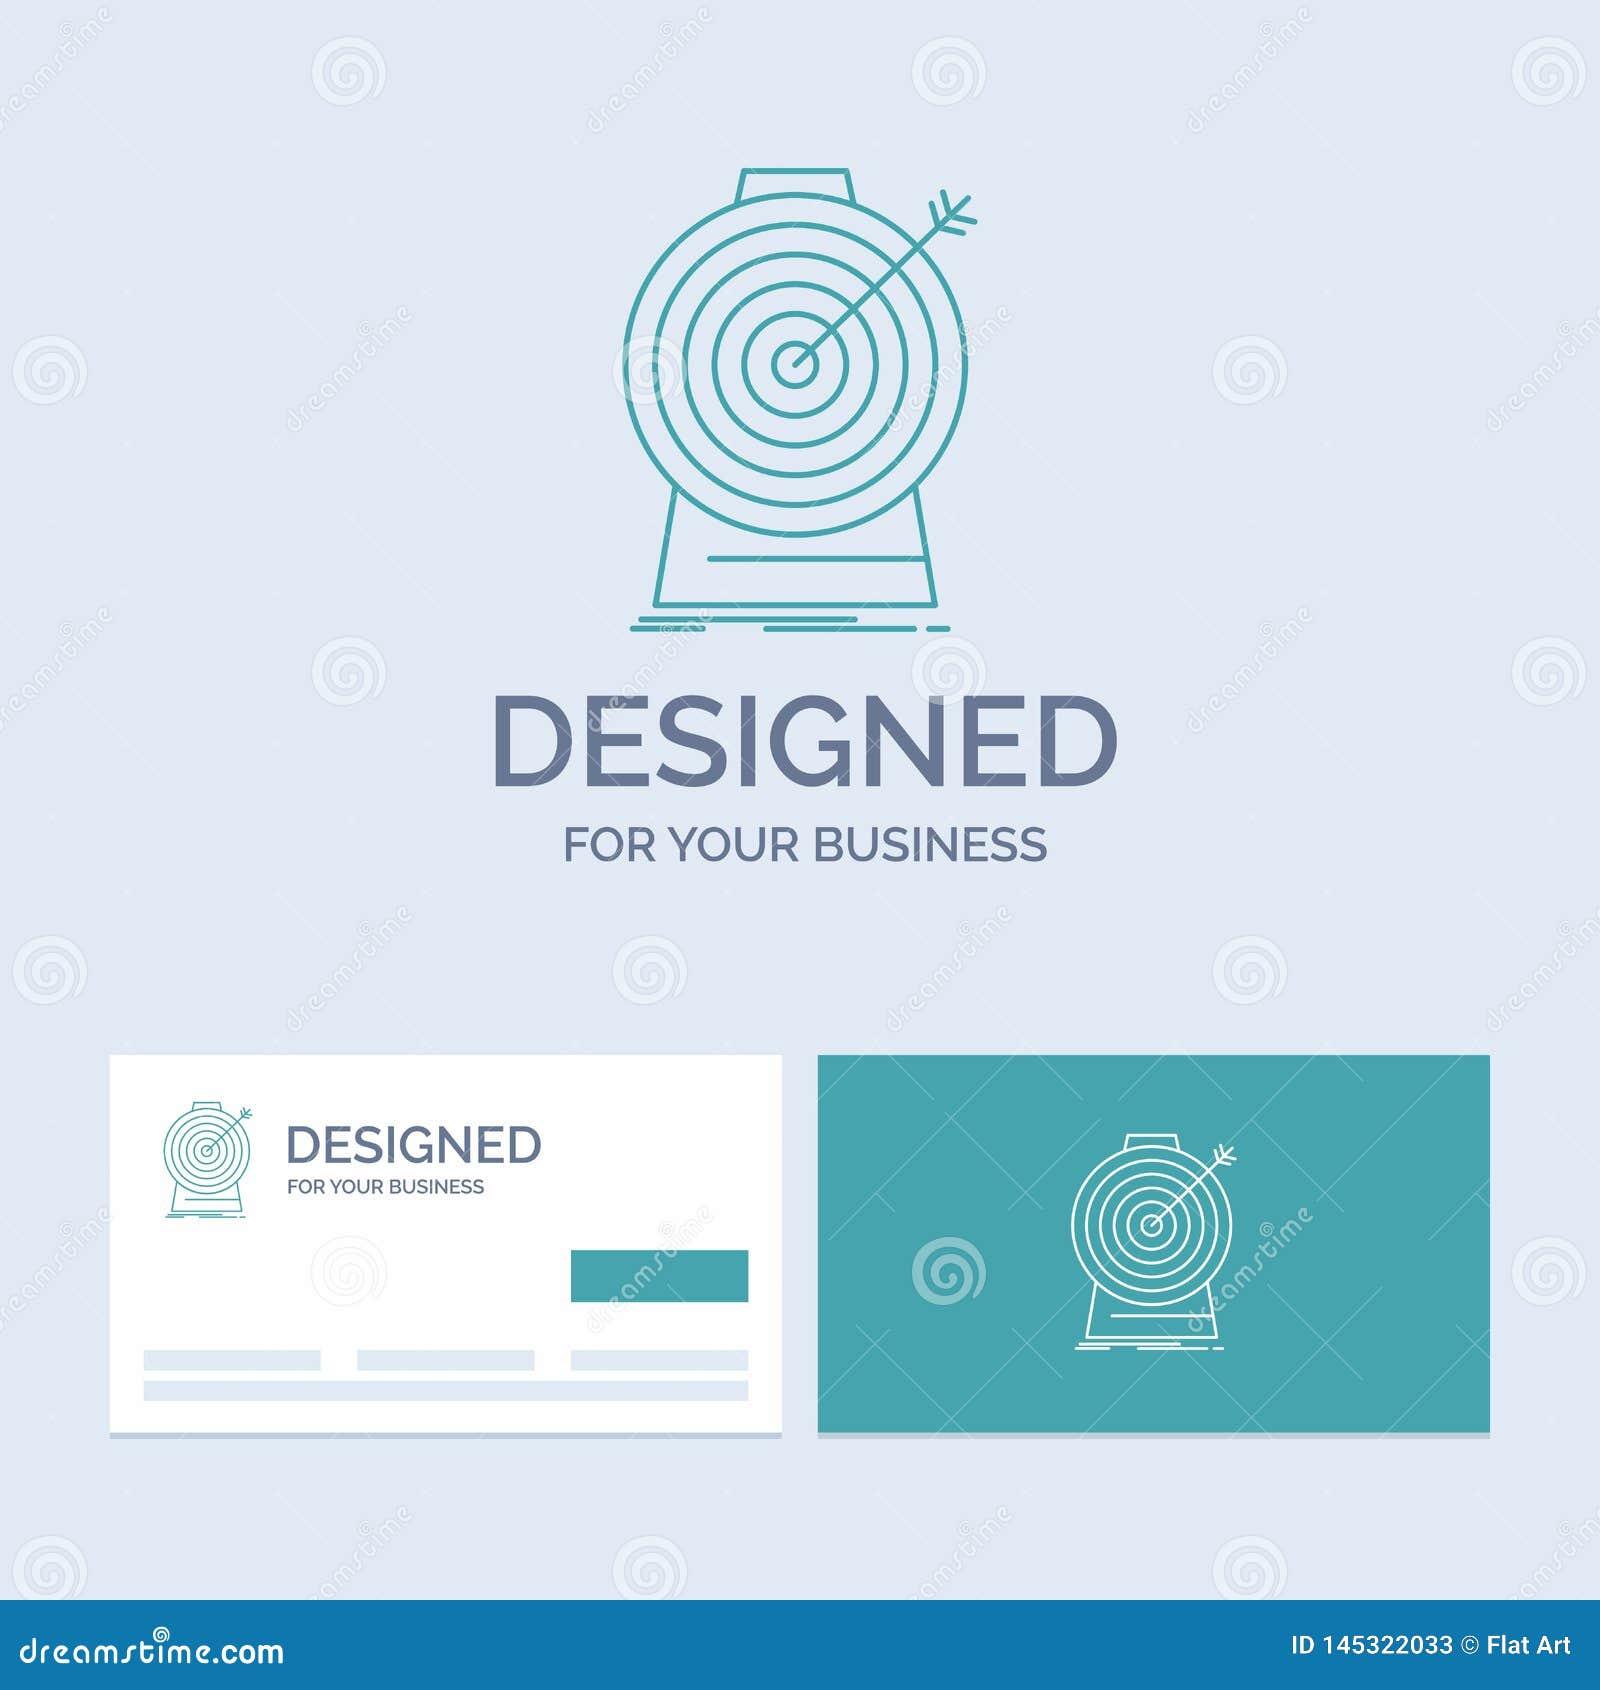 Doel, nadruk die, doel, doel, Zaken Logo Line Icon Symbol voor uw zaken richten Turkooise Visitekaartjes met Merkembleem